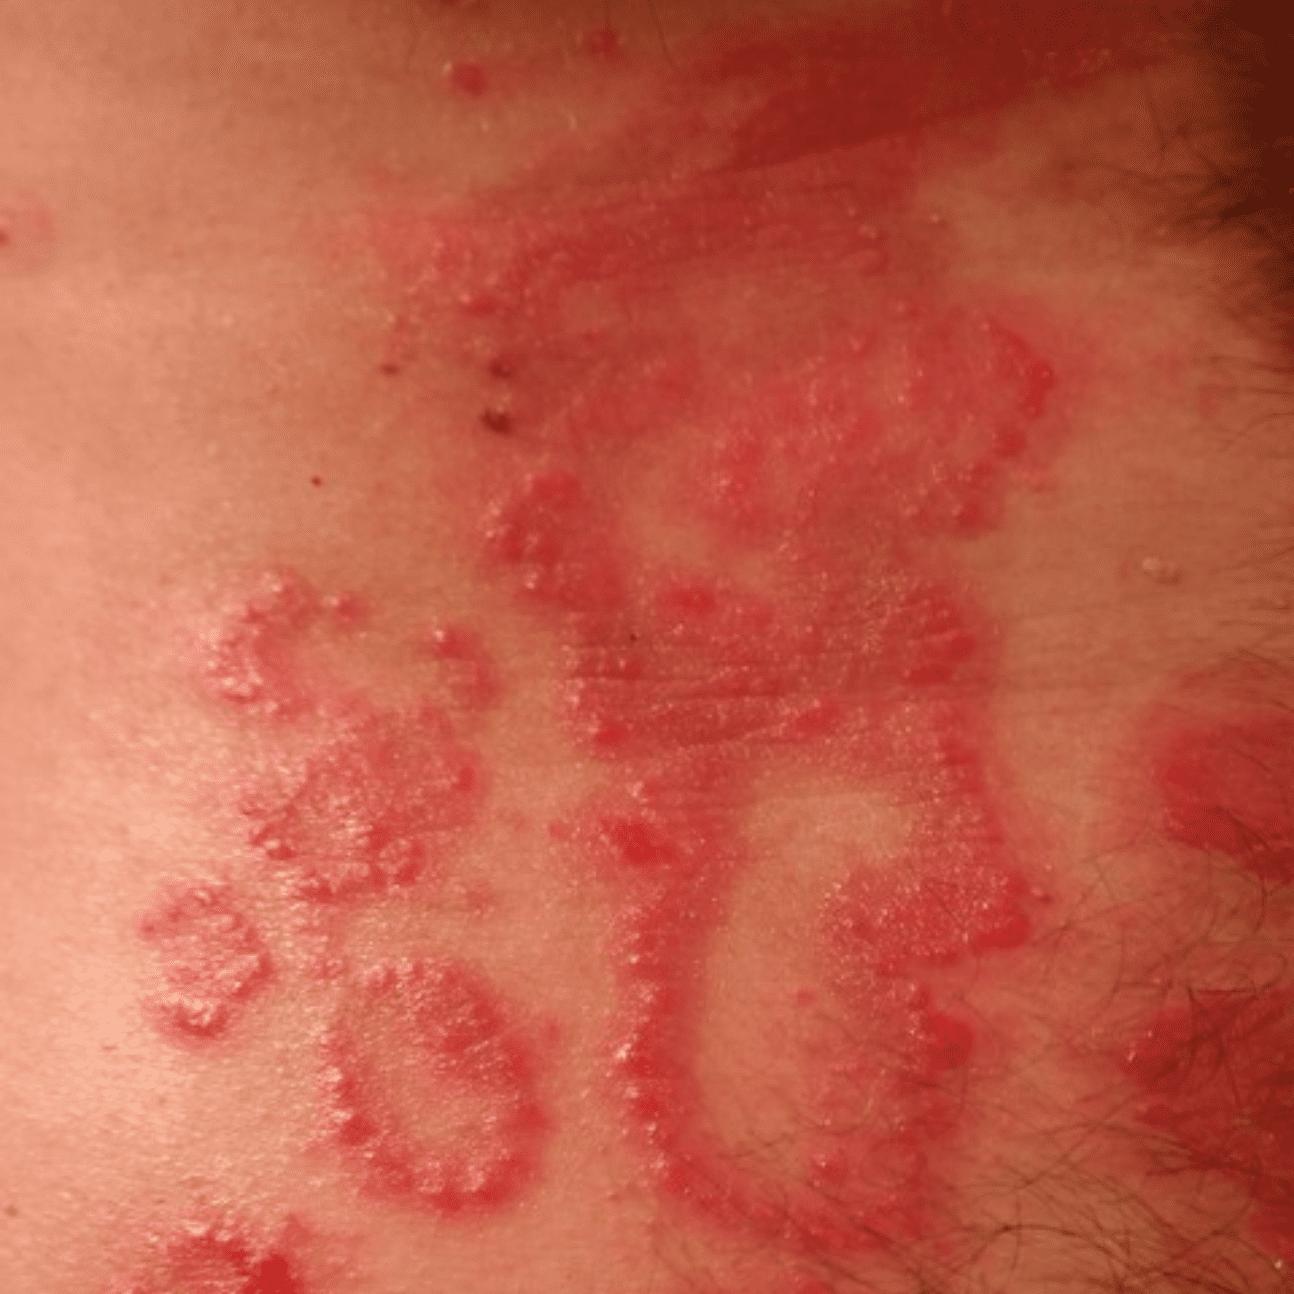 sfogo sulla pelle dovuto ad una infezione del tatuaggio